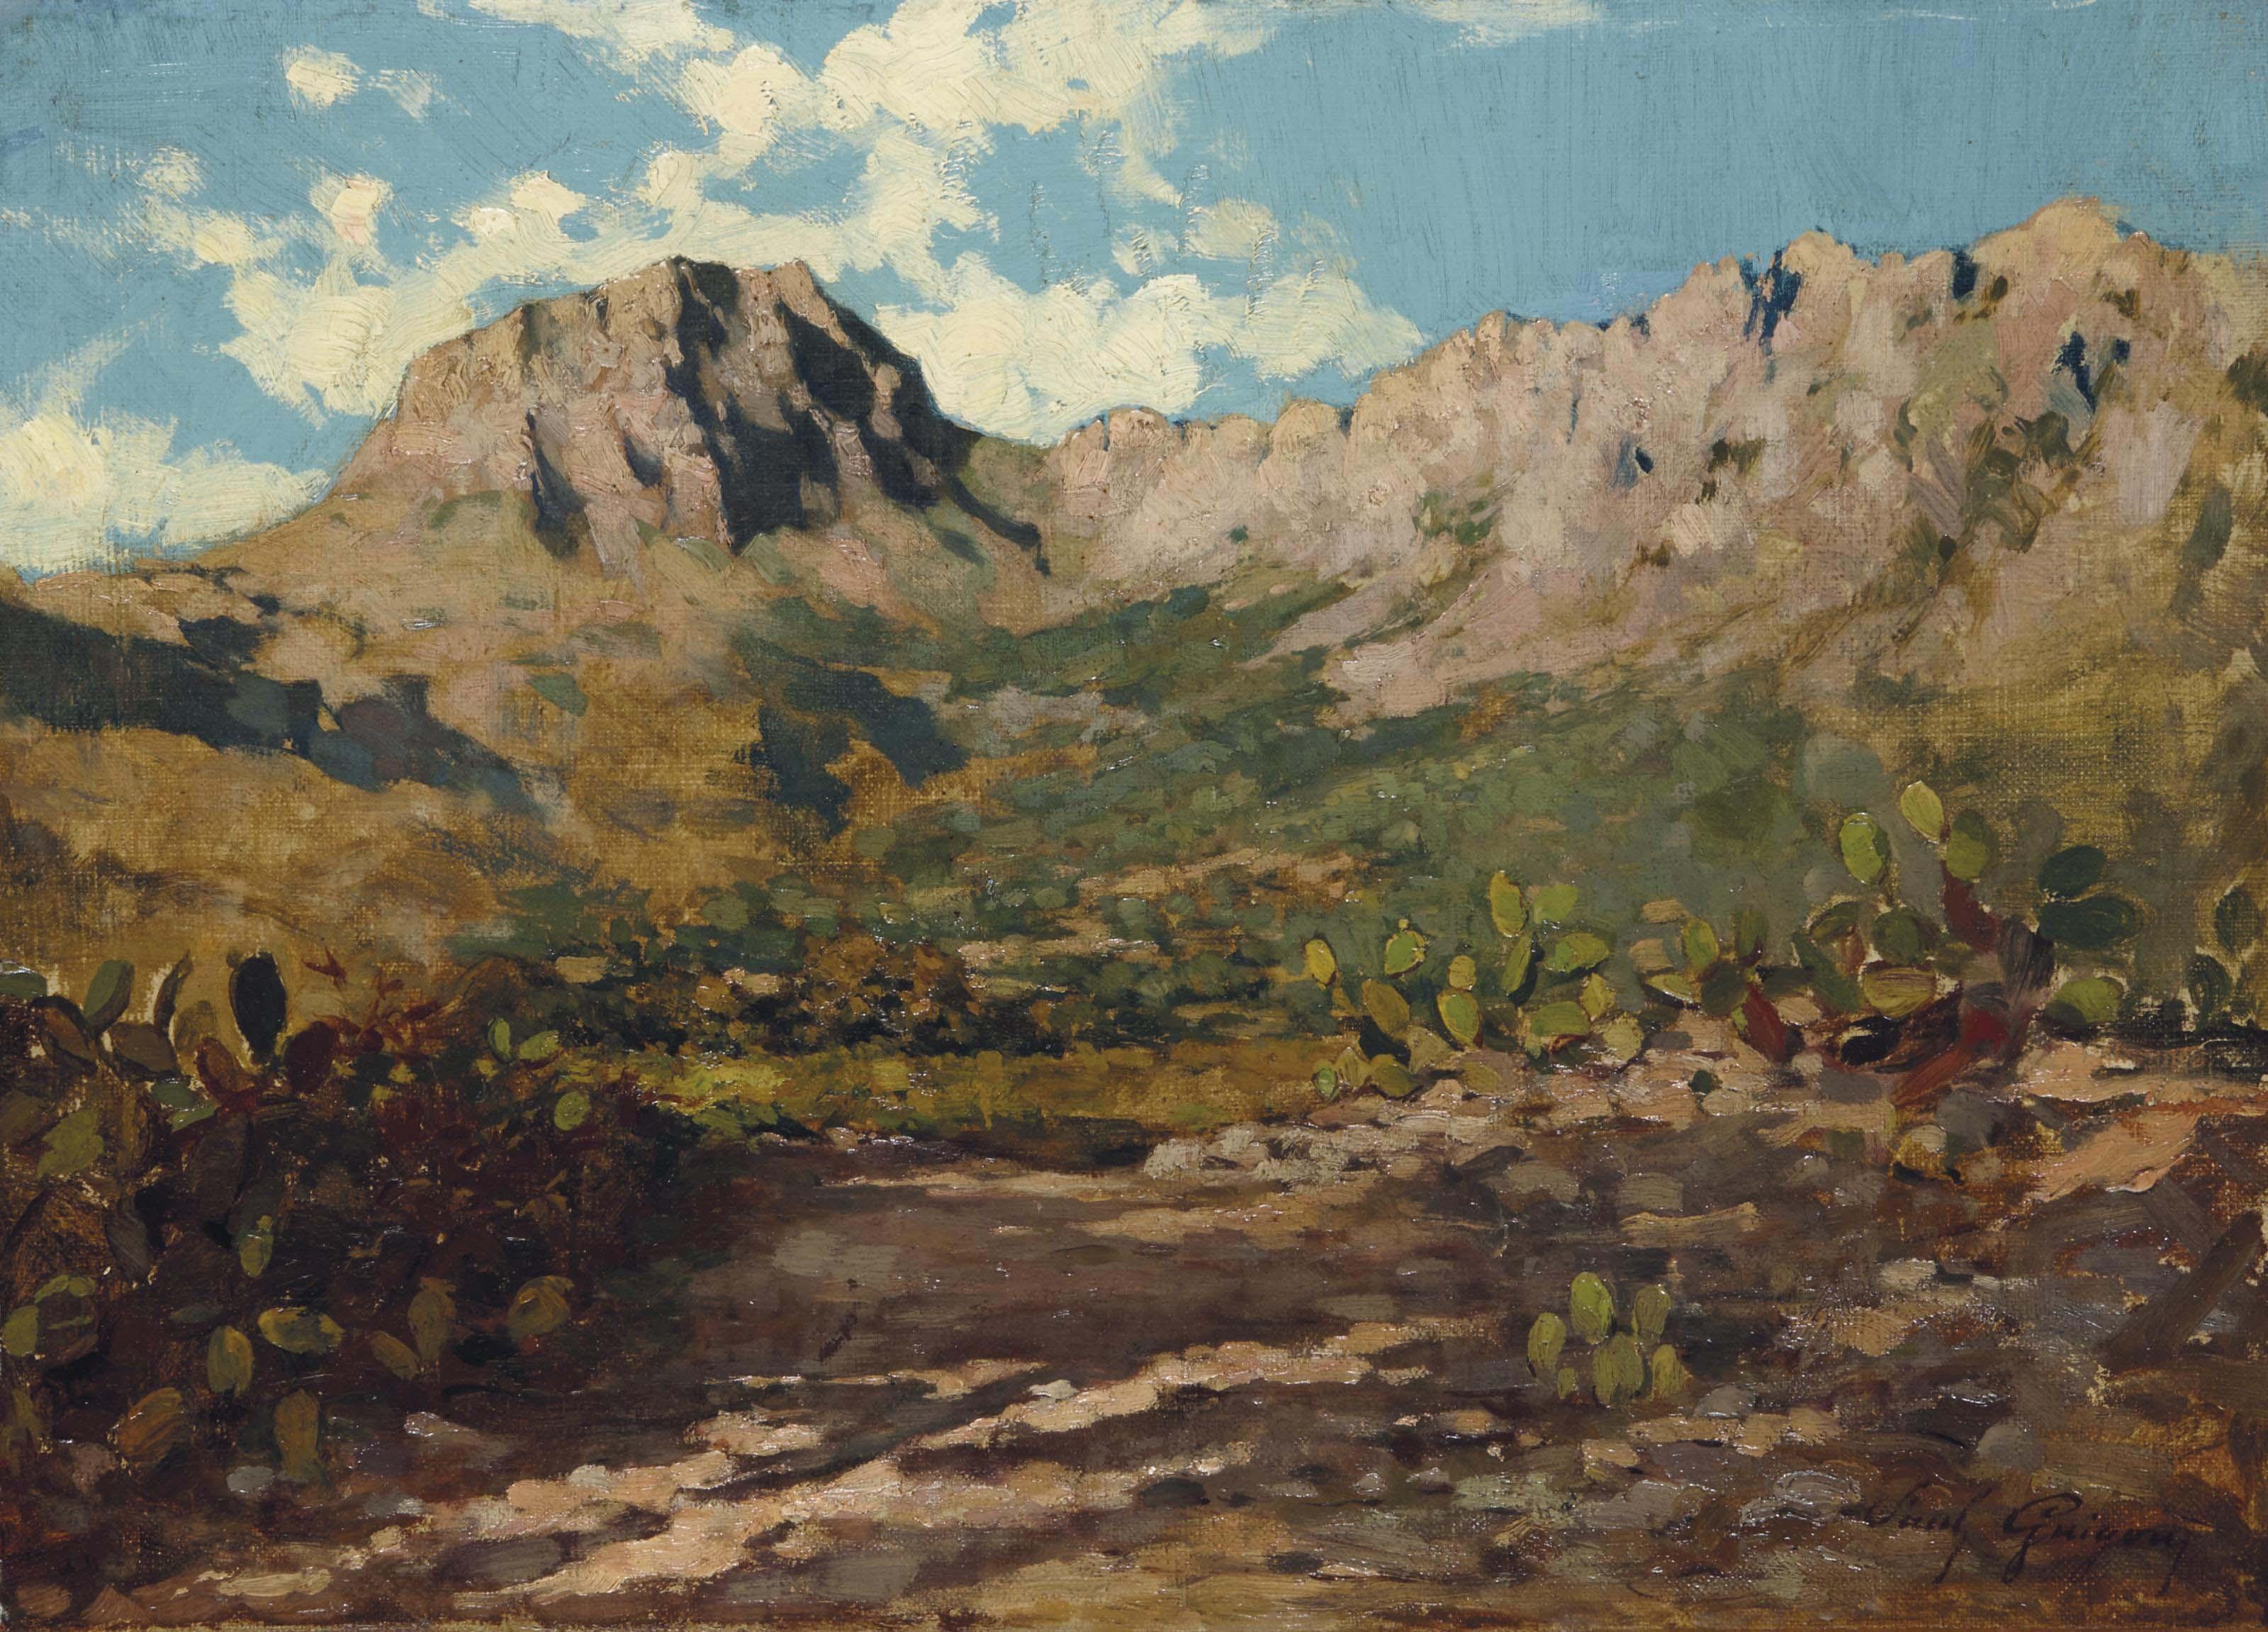 La montagne Sainte-Victoire aux abords d'Aix-en-Provence